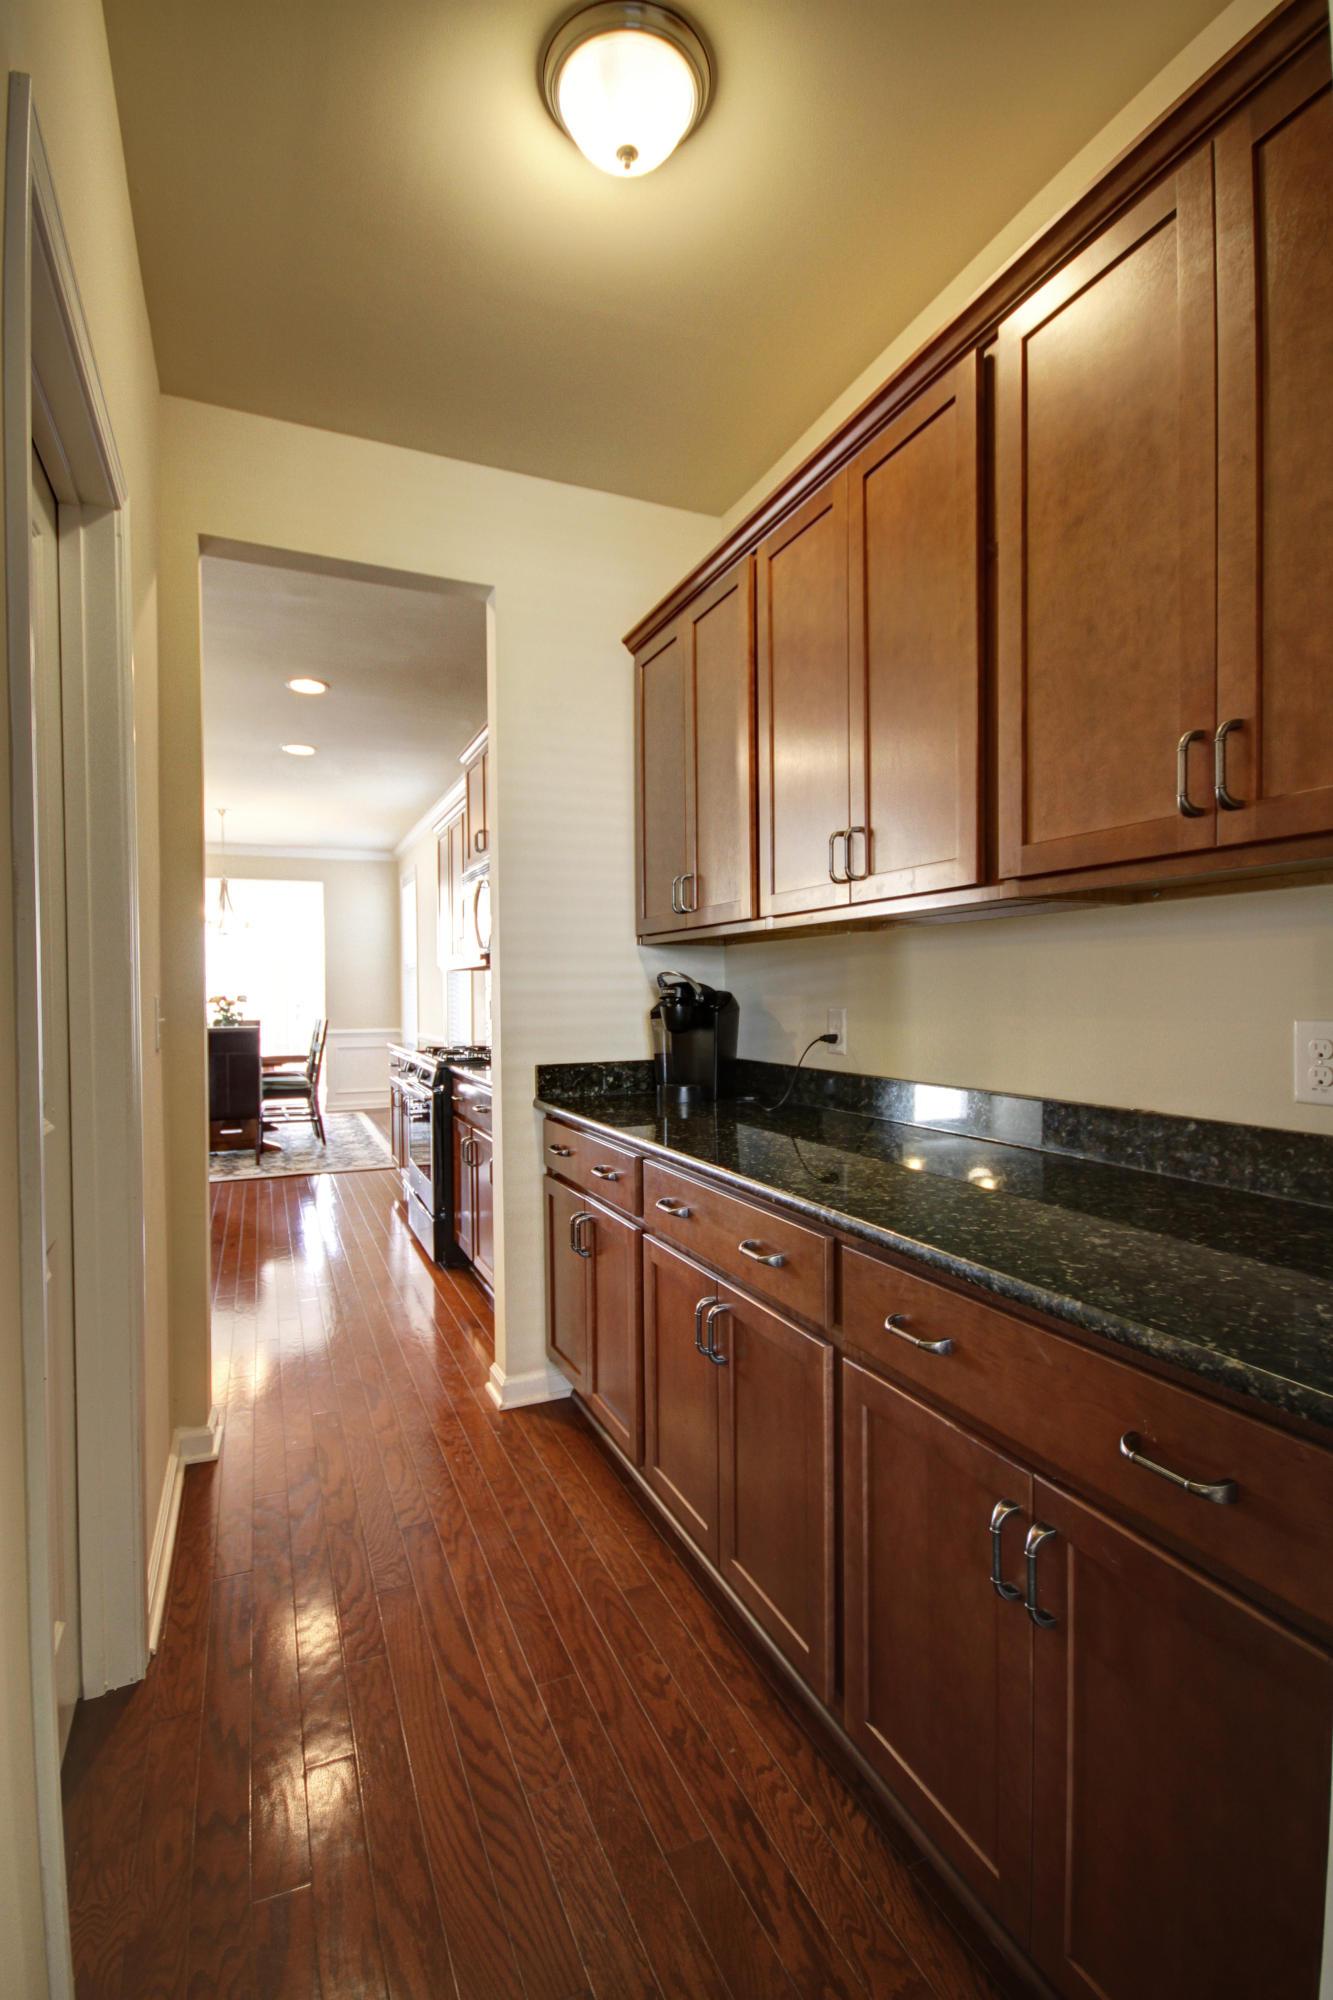 Park West Homes For Sale - 2597 Larch, Mount Pleasant, SC - 15